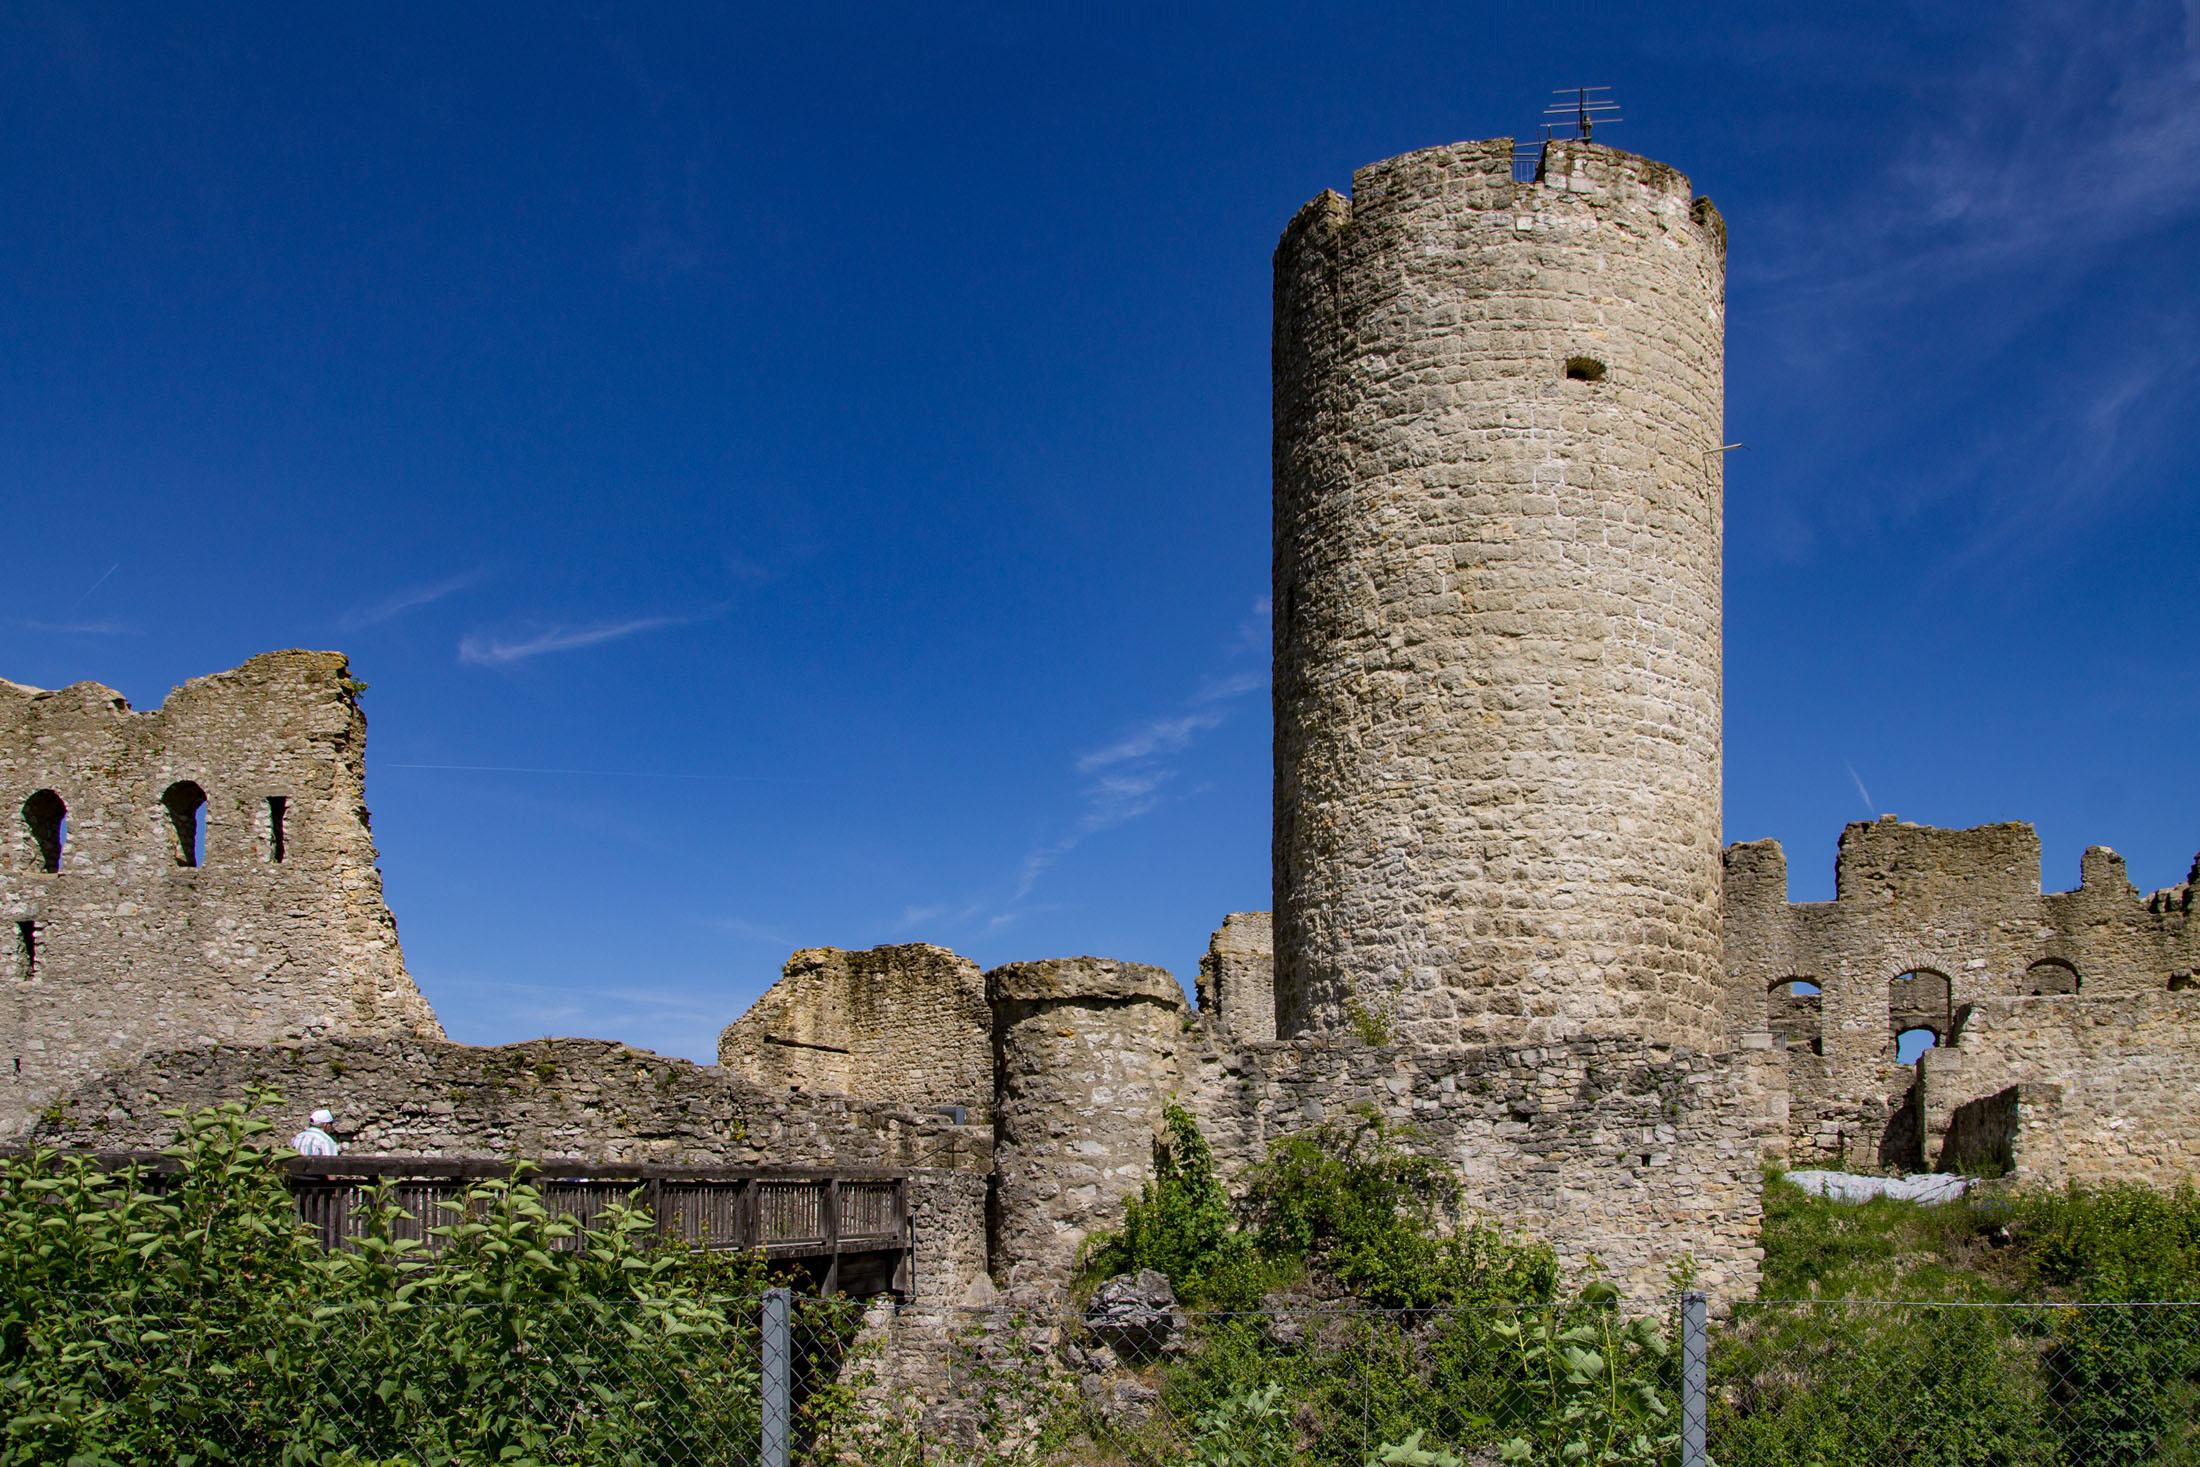 Castle ruin Wolfstein the town's landmark - Die Burgruine Wolfstein das Wahrzeichen von Neumarkt